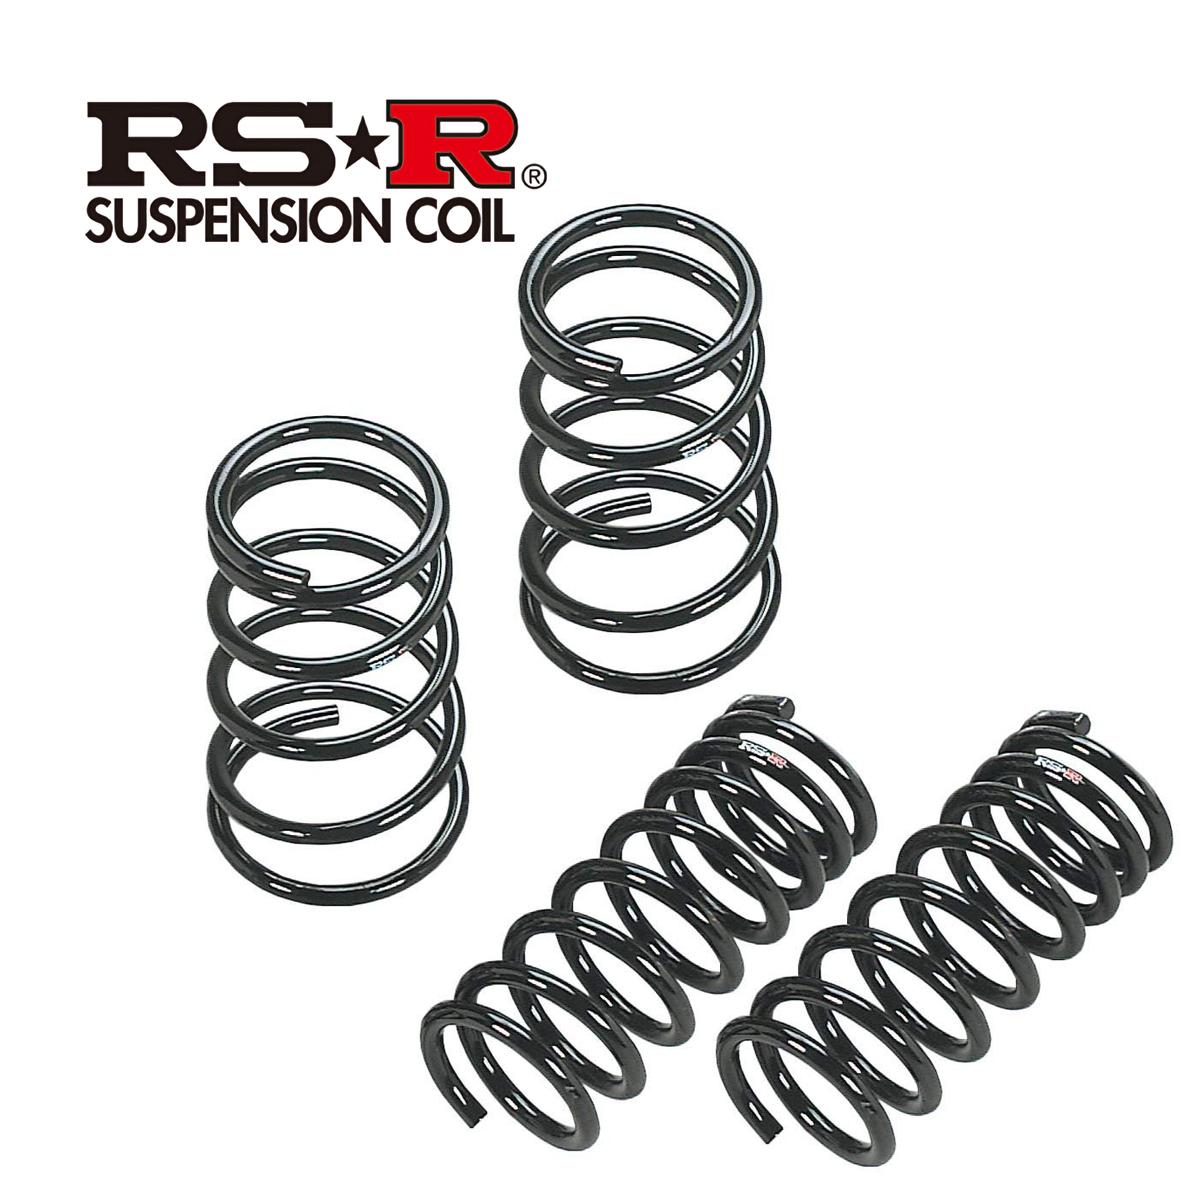 RS-R オデッセイハイブリッド ハイブリッドアブソルート・ホンダセンシングEXパッケージ RC4 ダウンサス スプリング フロントのみ H503WF RSR ダウン RSR 個人宅発送追金有